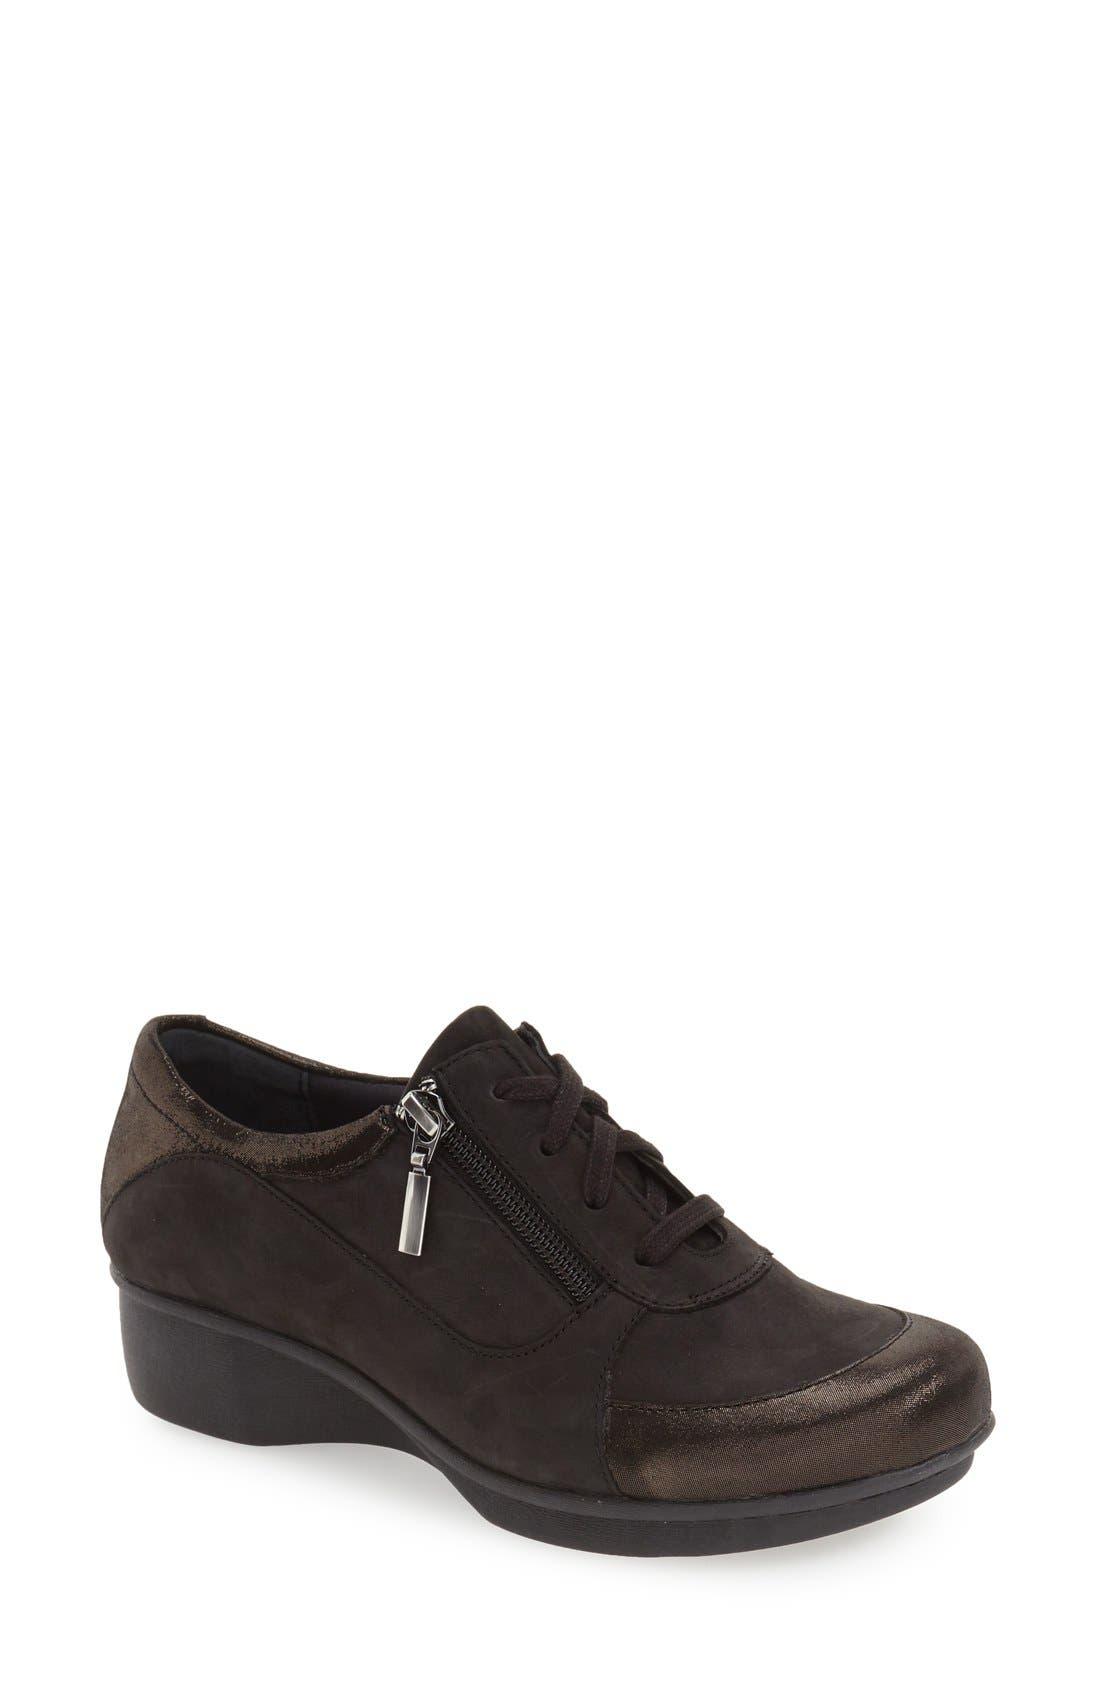 DANSKO 'Loretta' Platform Sneaker